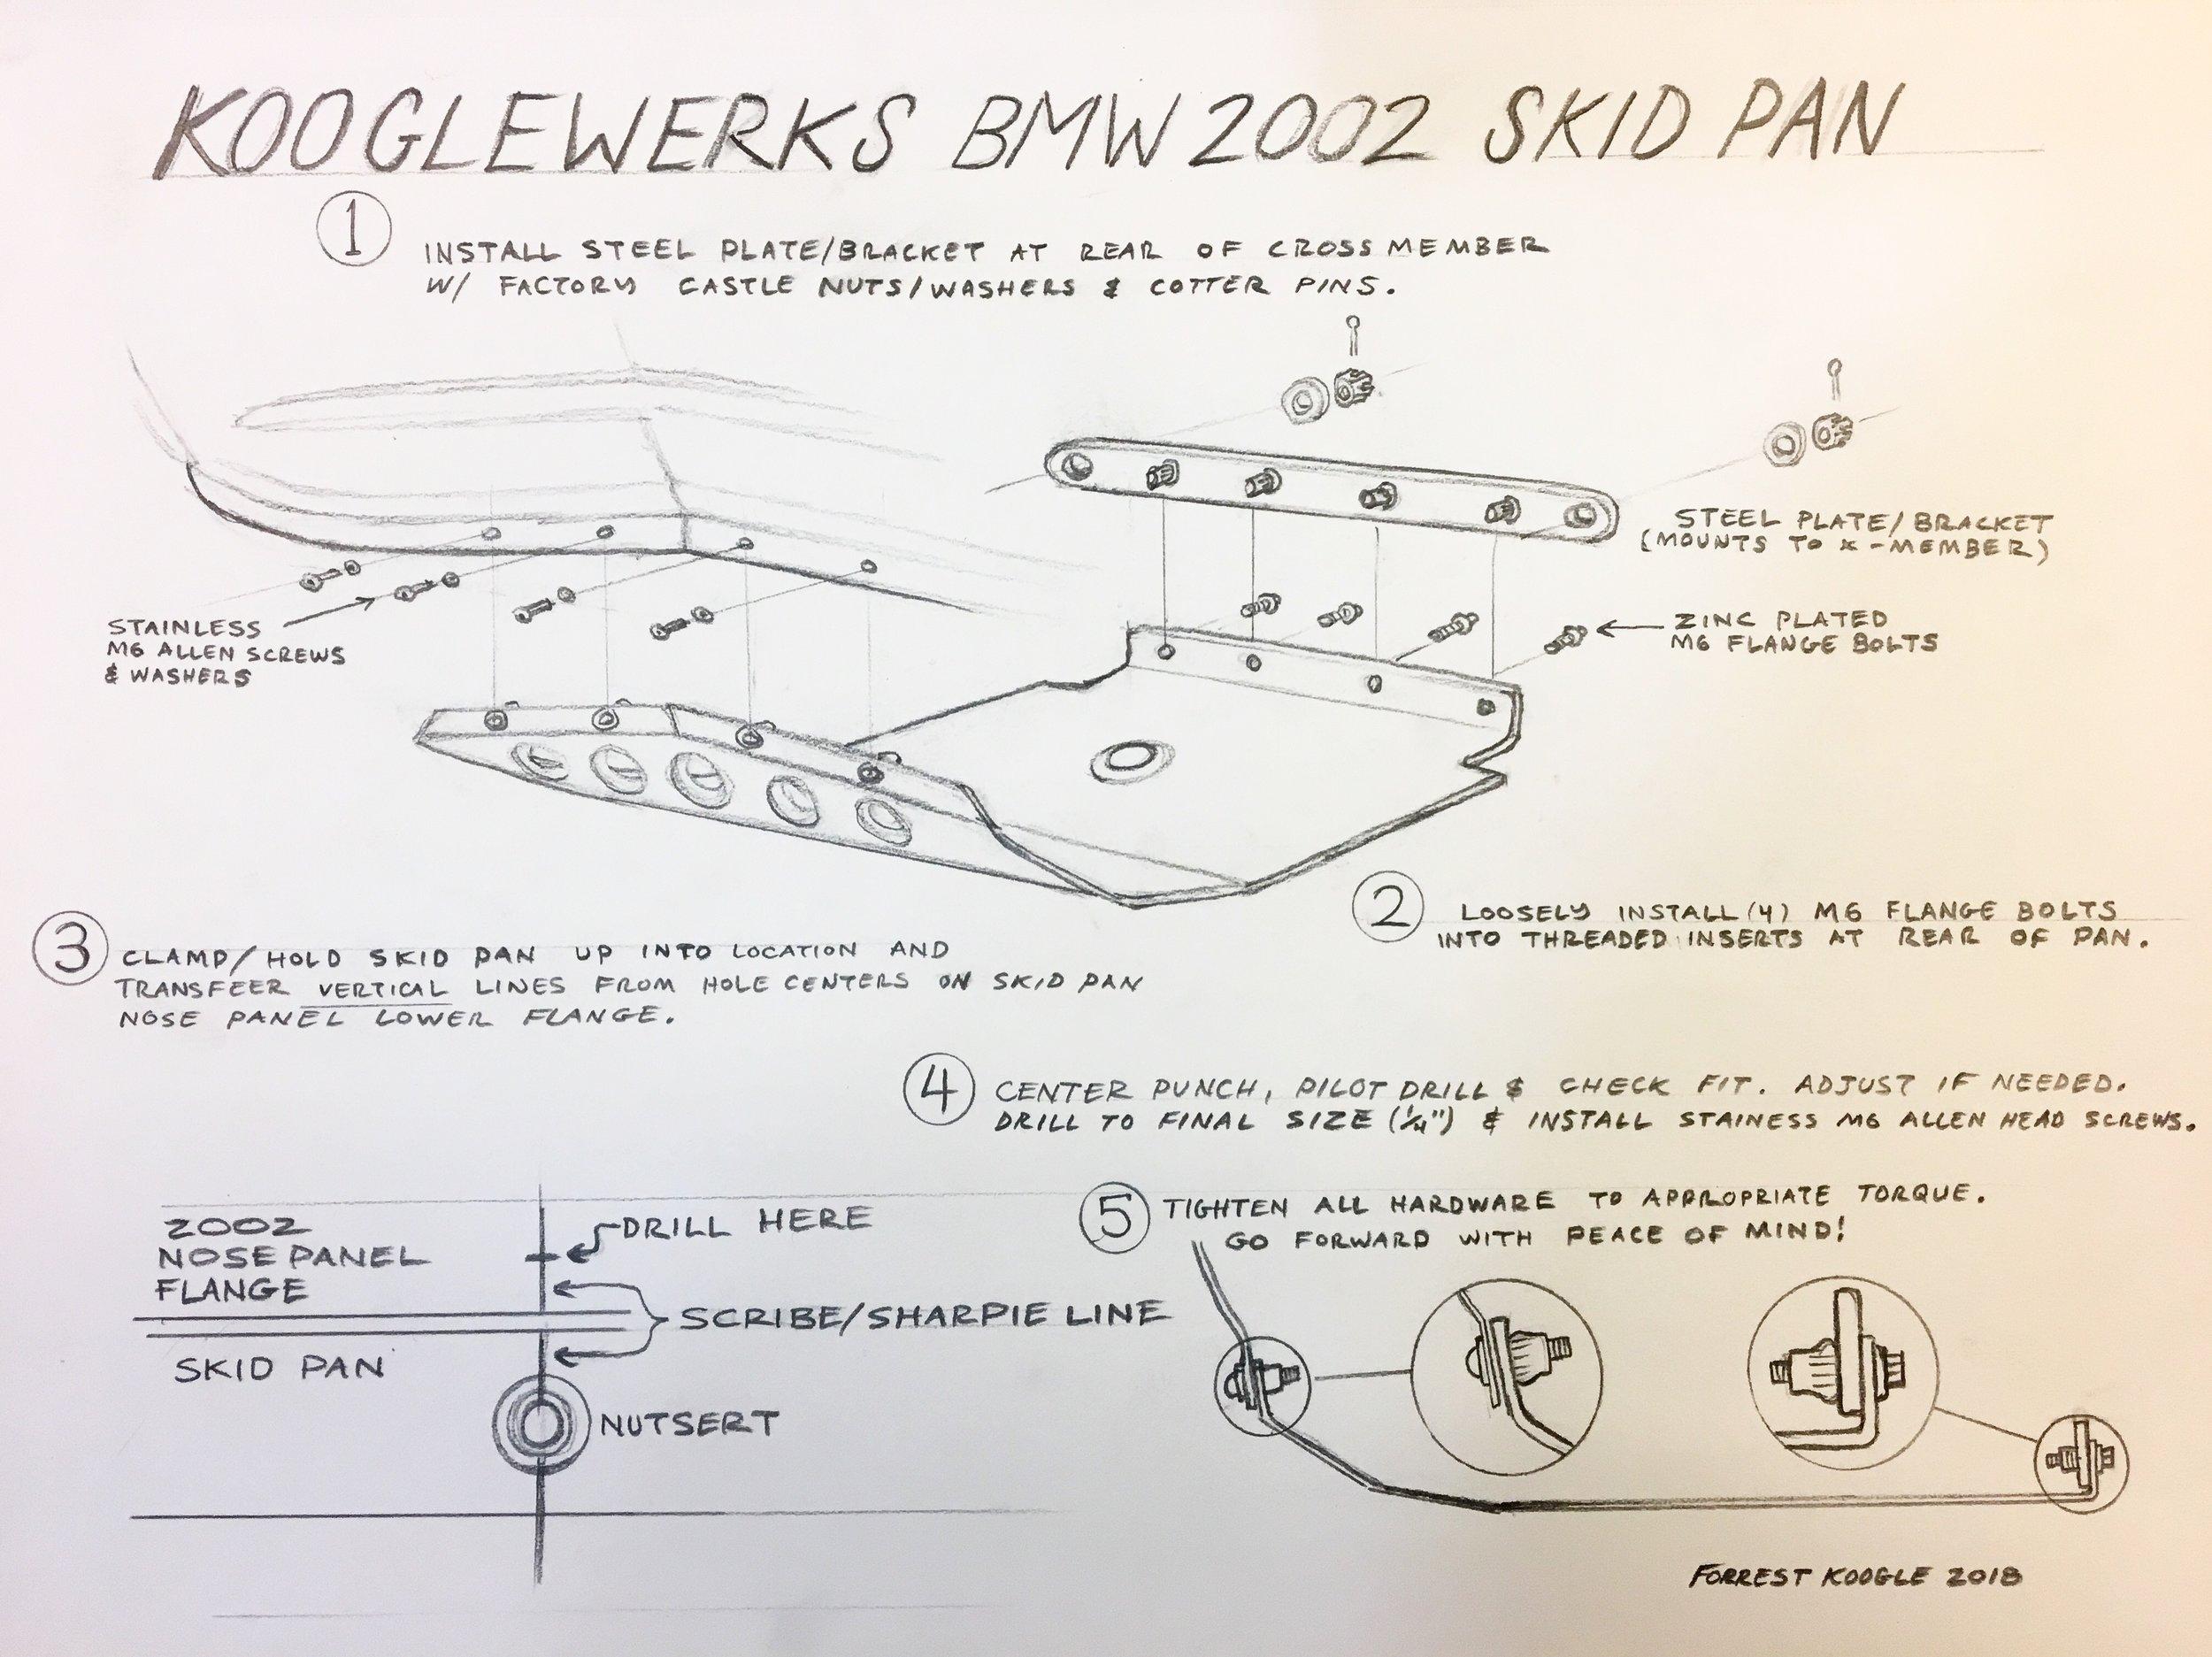 bmw 2002 skid pan installation